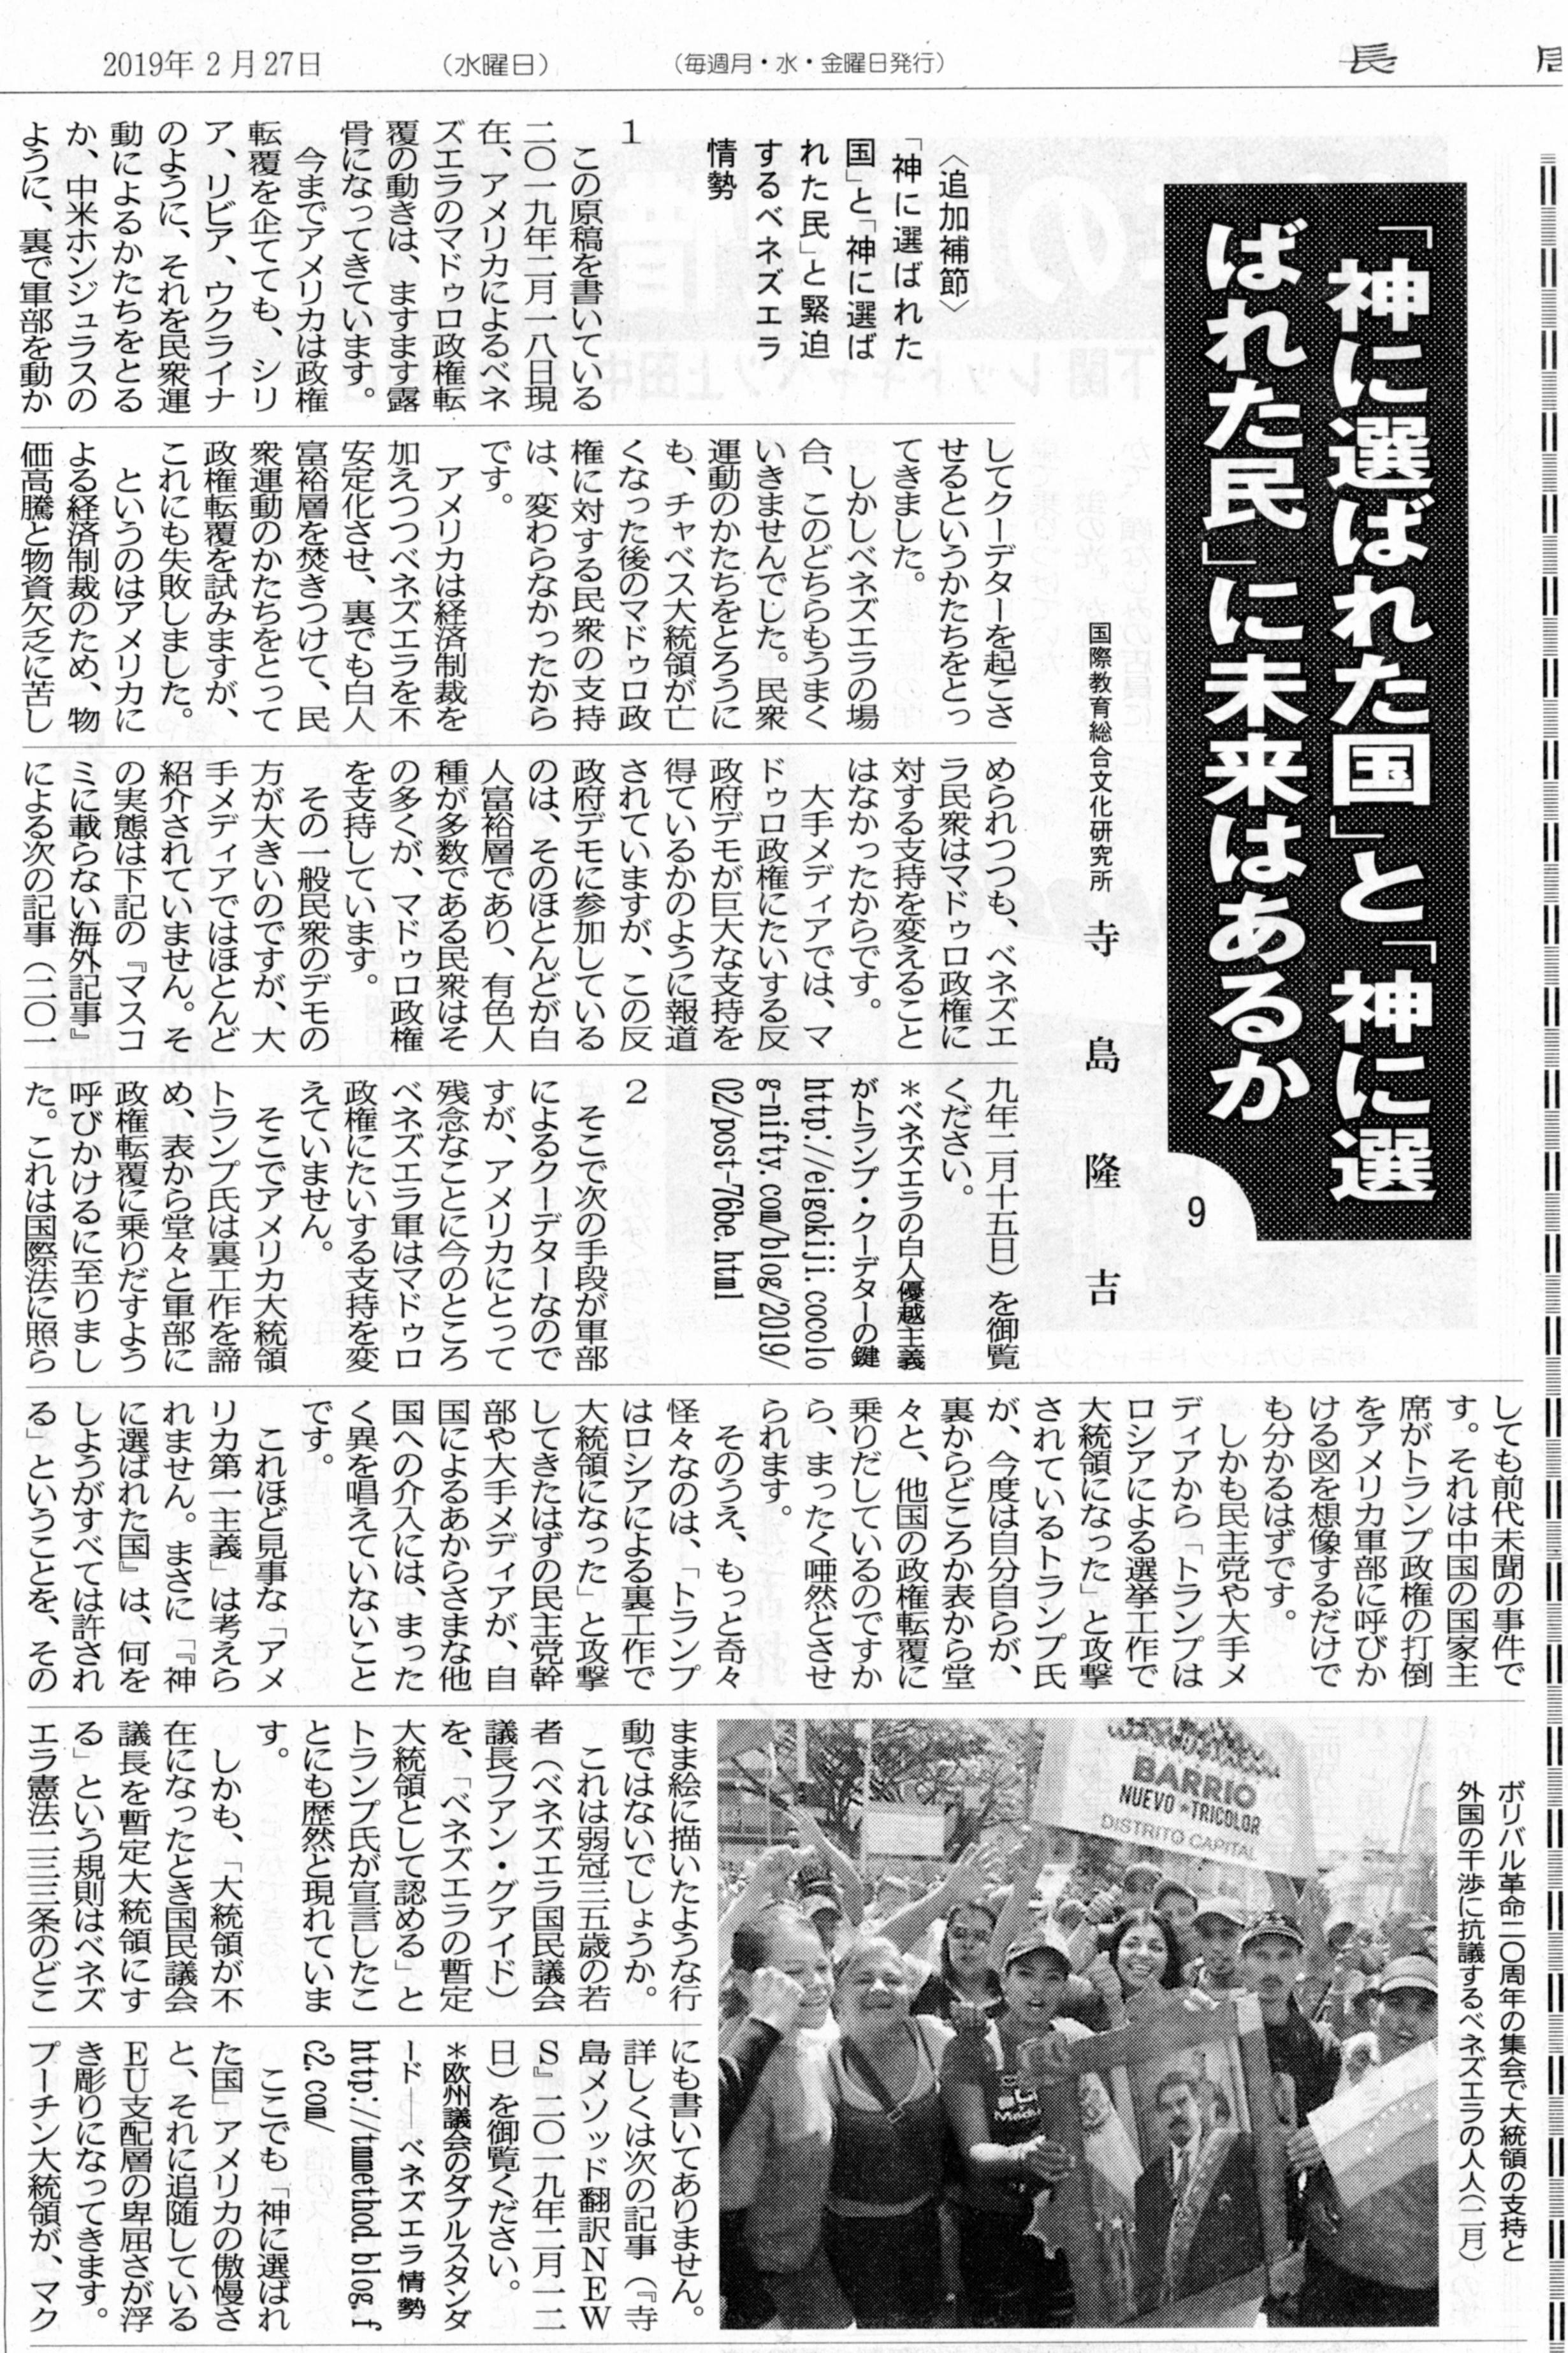 長州新聞20190210神に選ばれた国と神に選ばれた民に未来はあるか⑨227